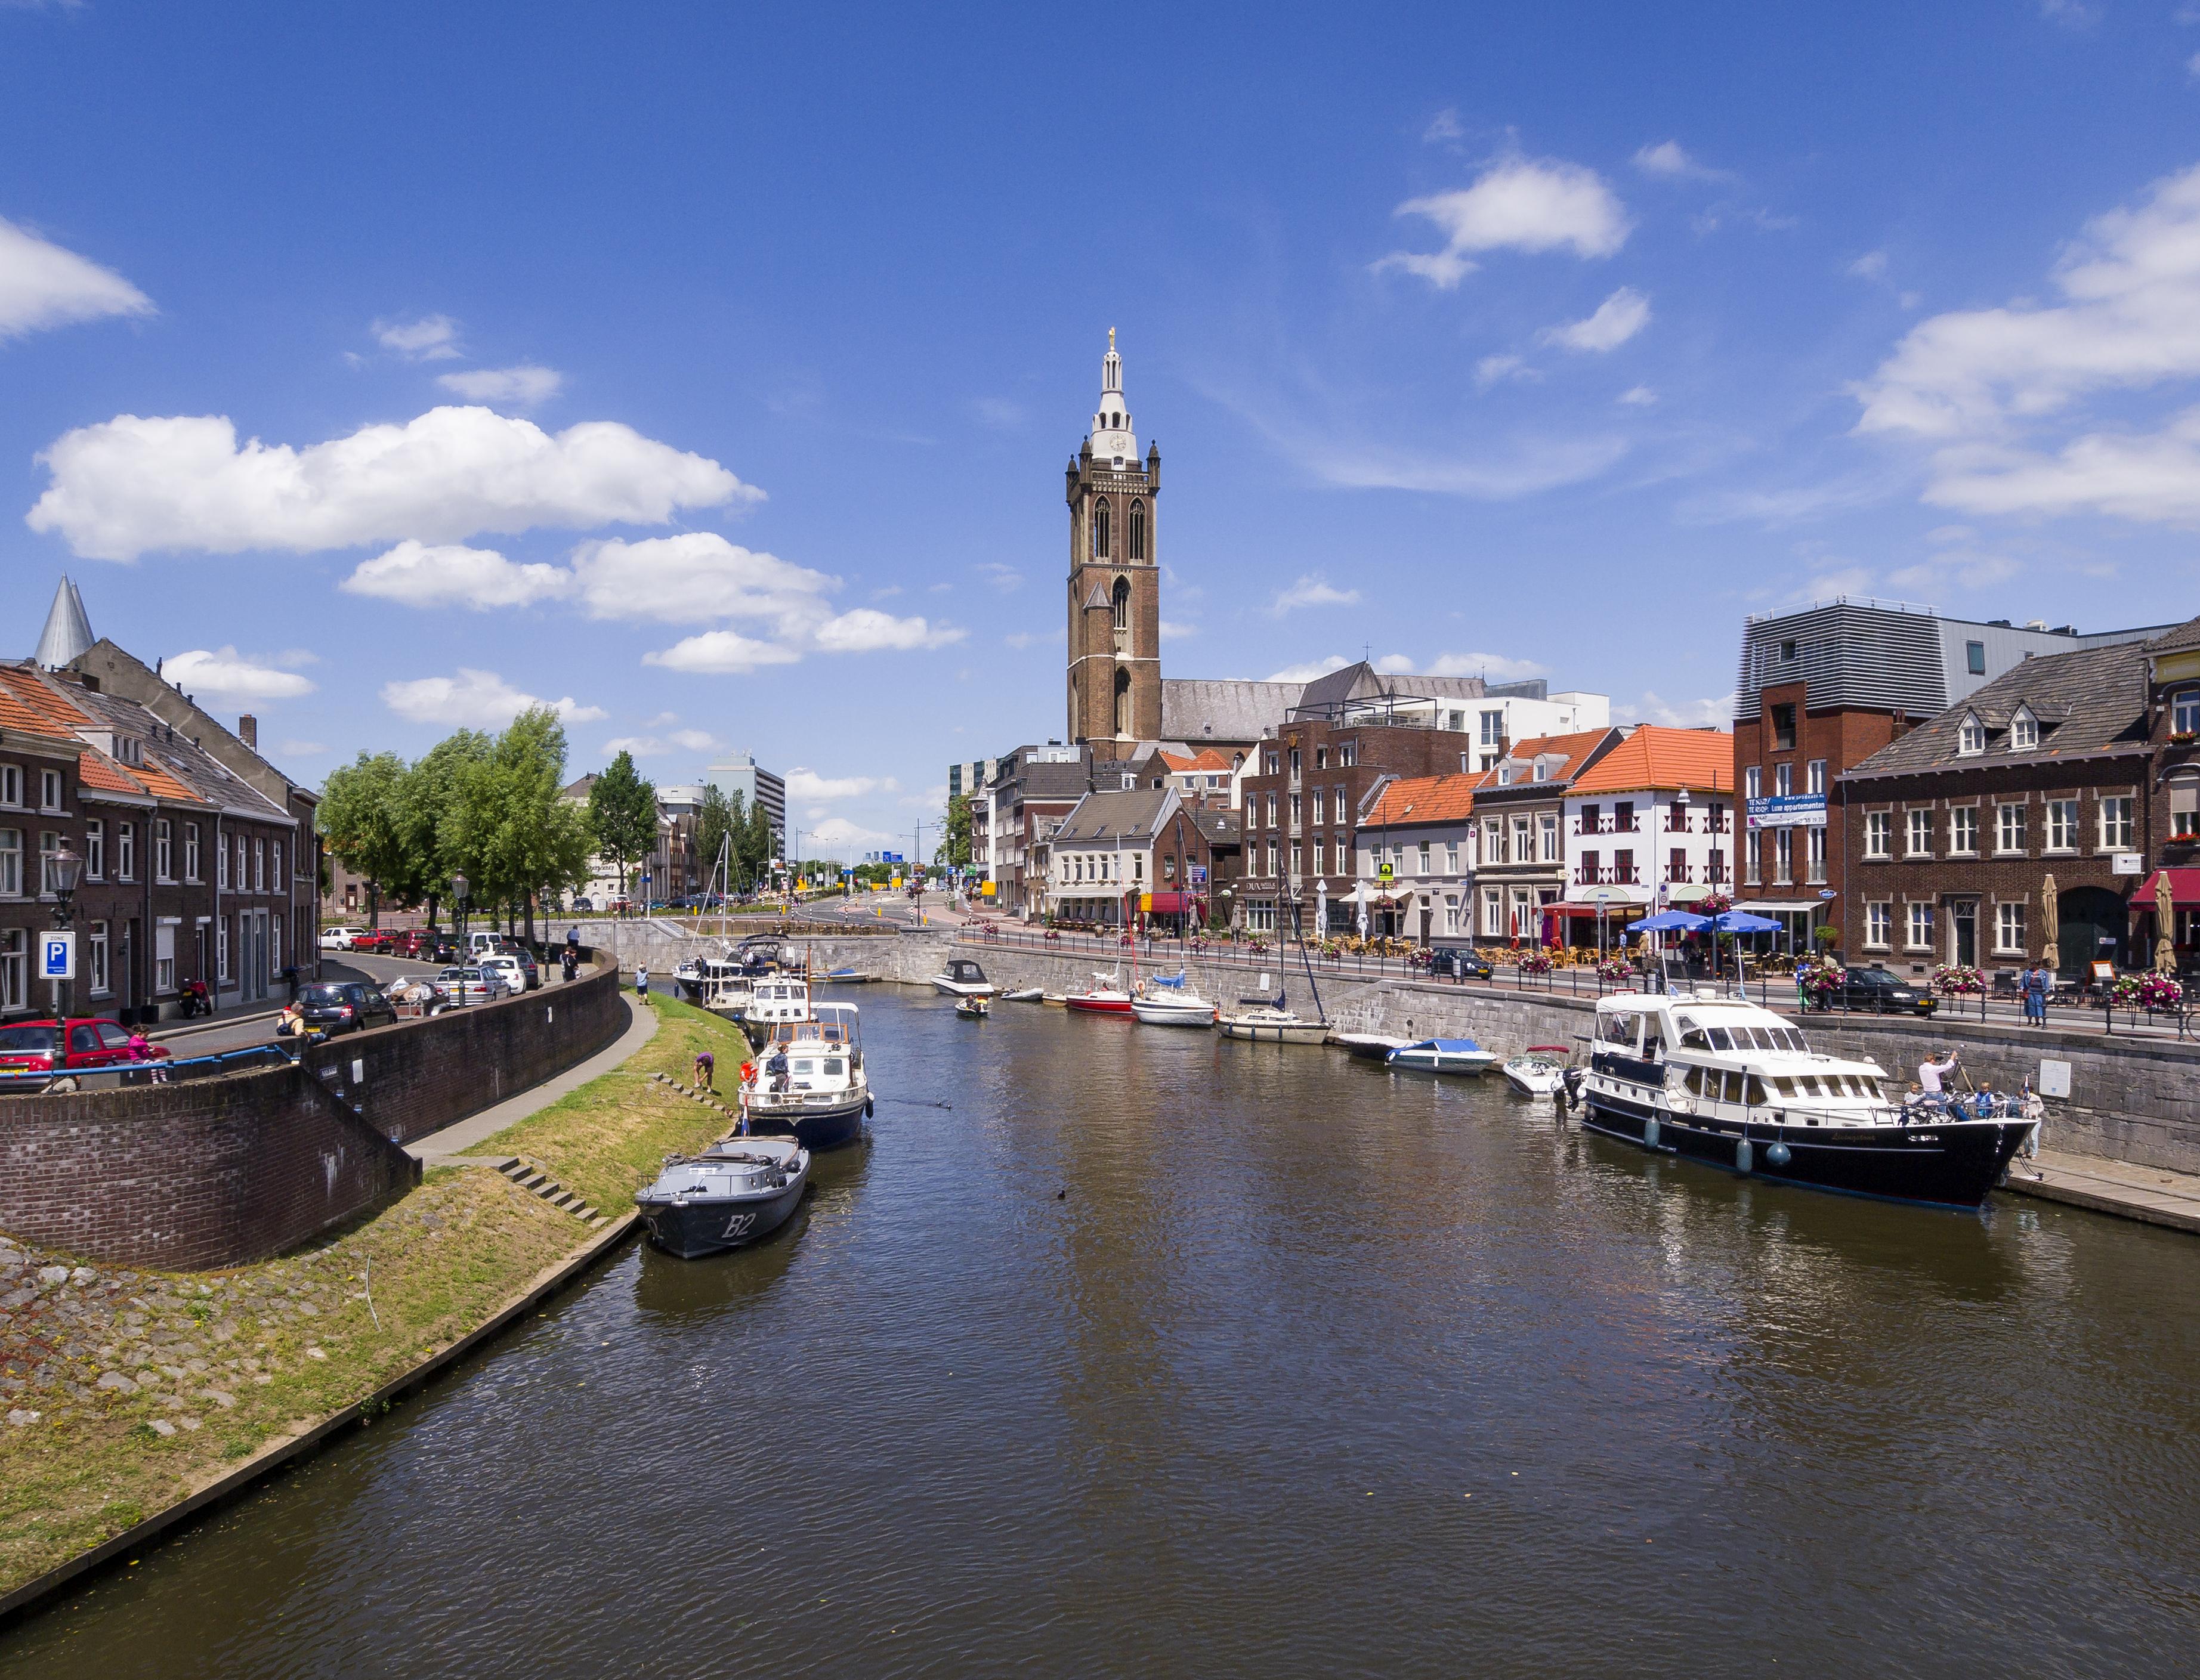 Trivago Nederland Amsterdam Niet In Top 10 Hotelsteden